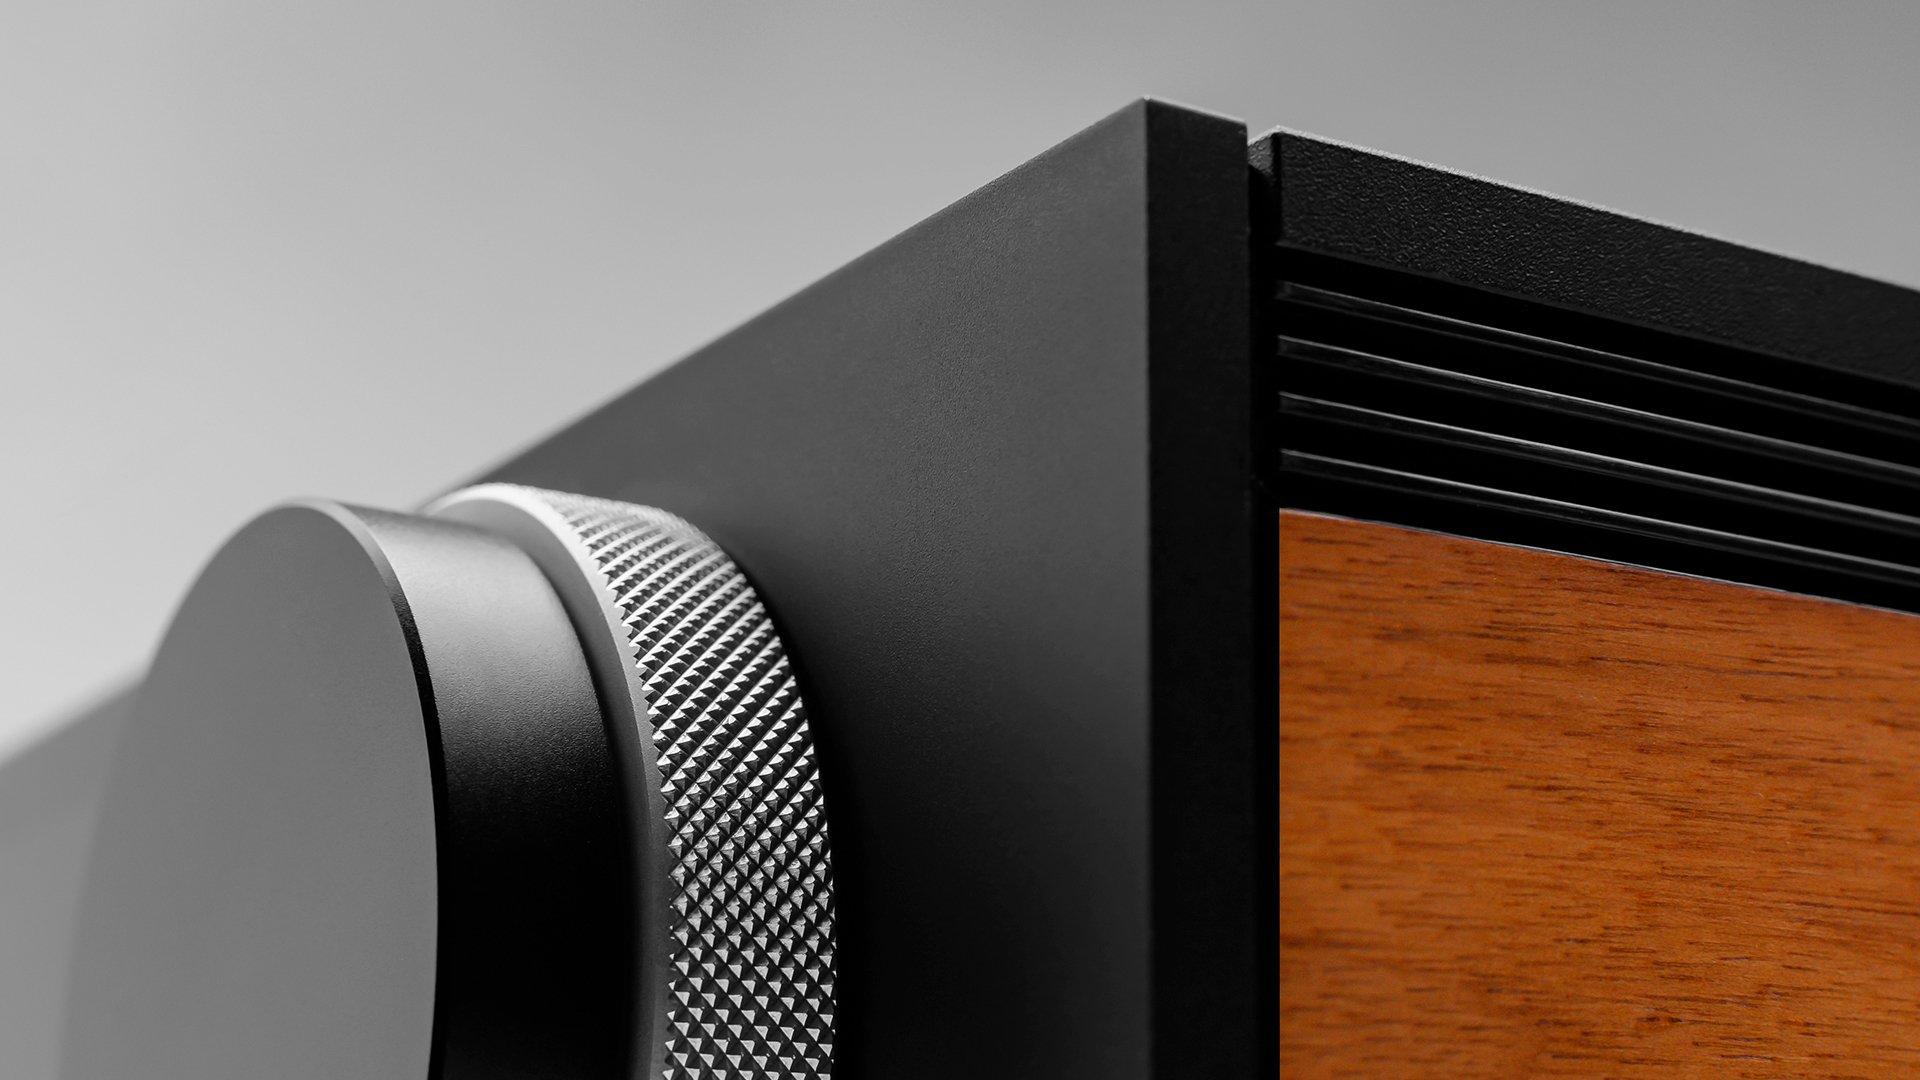 Cambridge Audio - evo Range